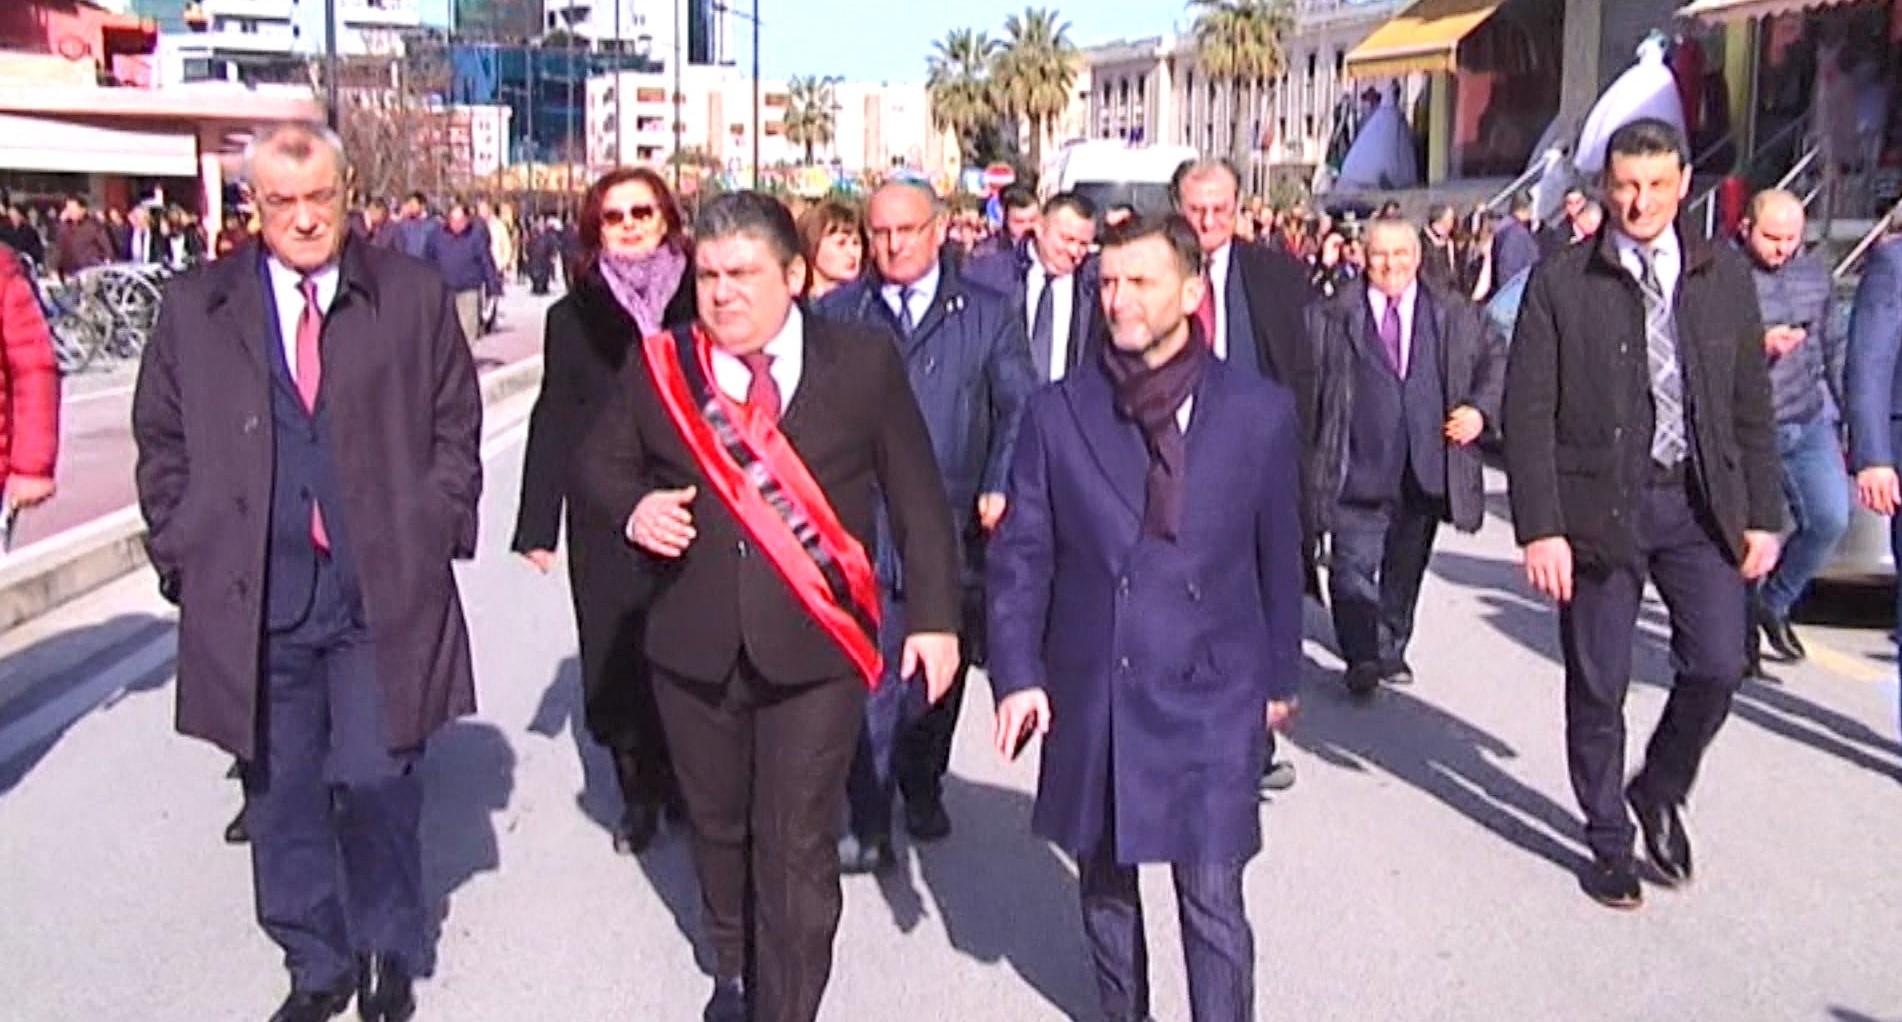 99 vjet nga Kongresi i Lushnjës, Ruçi e Braçe në ceremoni